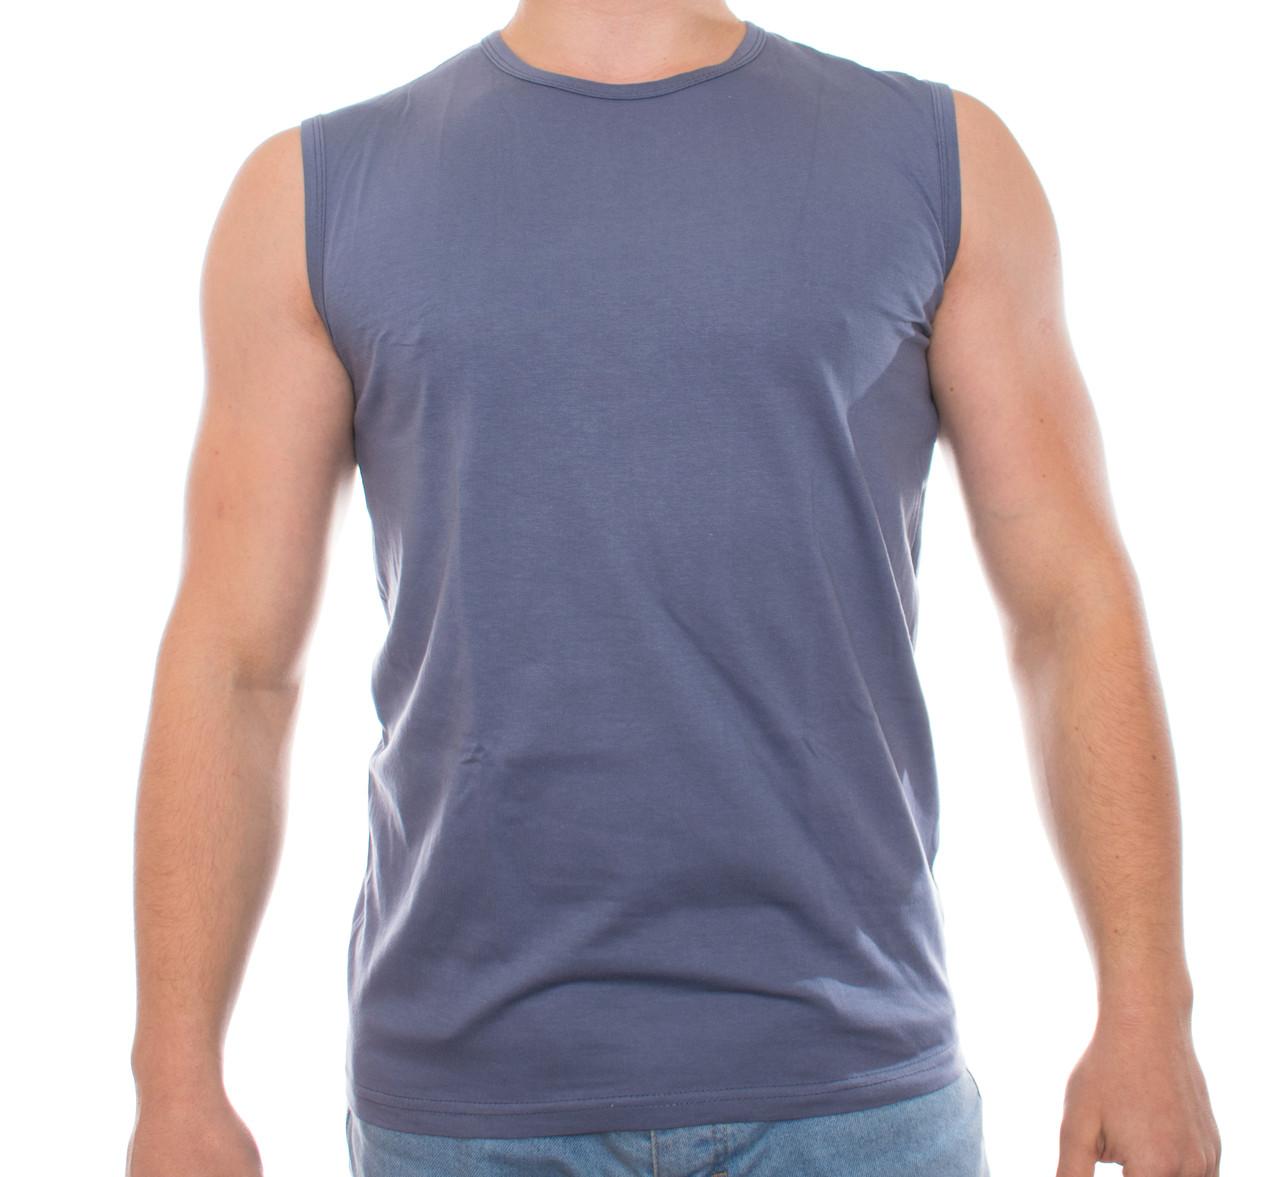 Мужская футболка без рукавов 000112